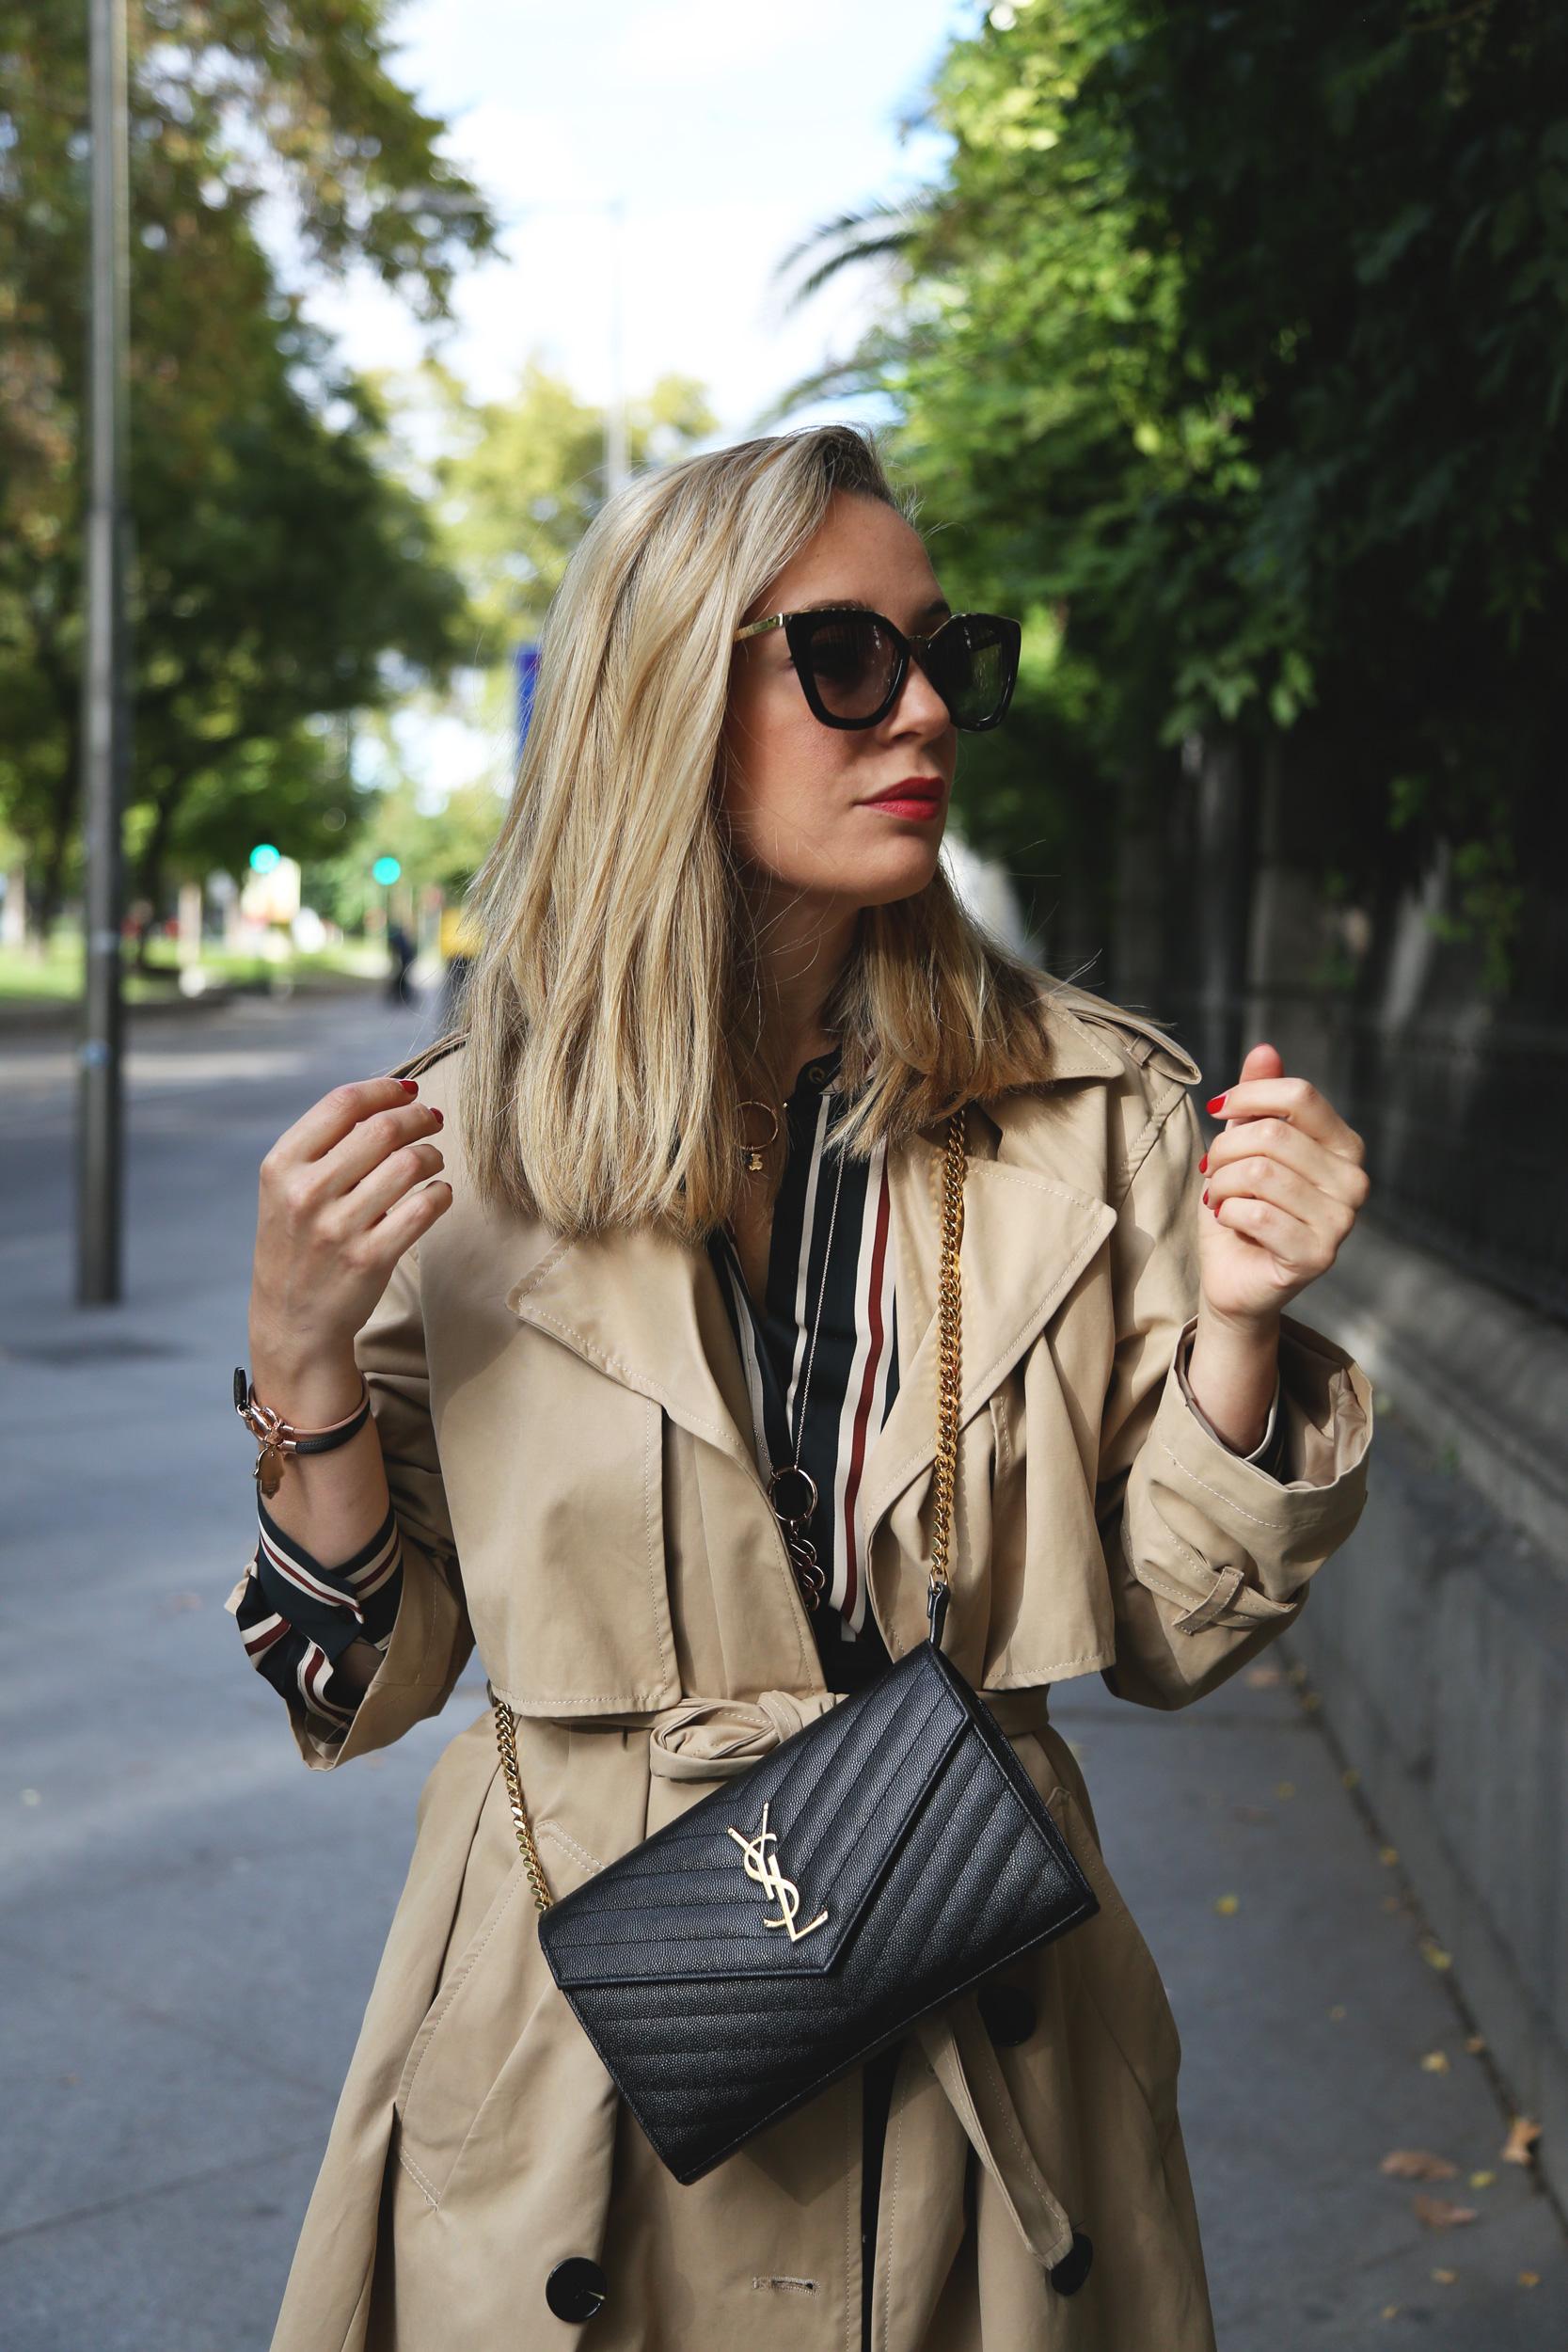 tendencias de moda y estilo de vida